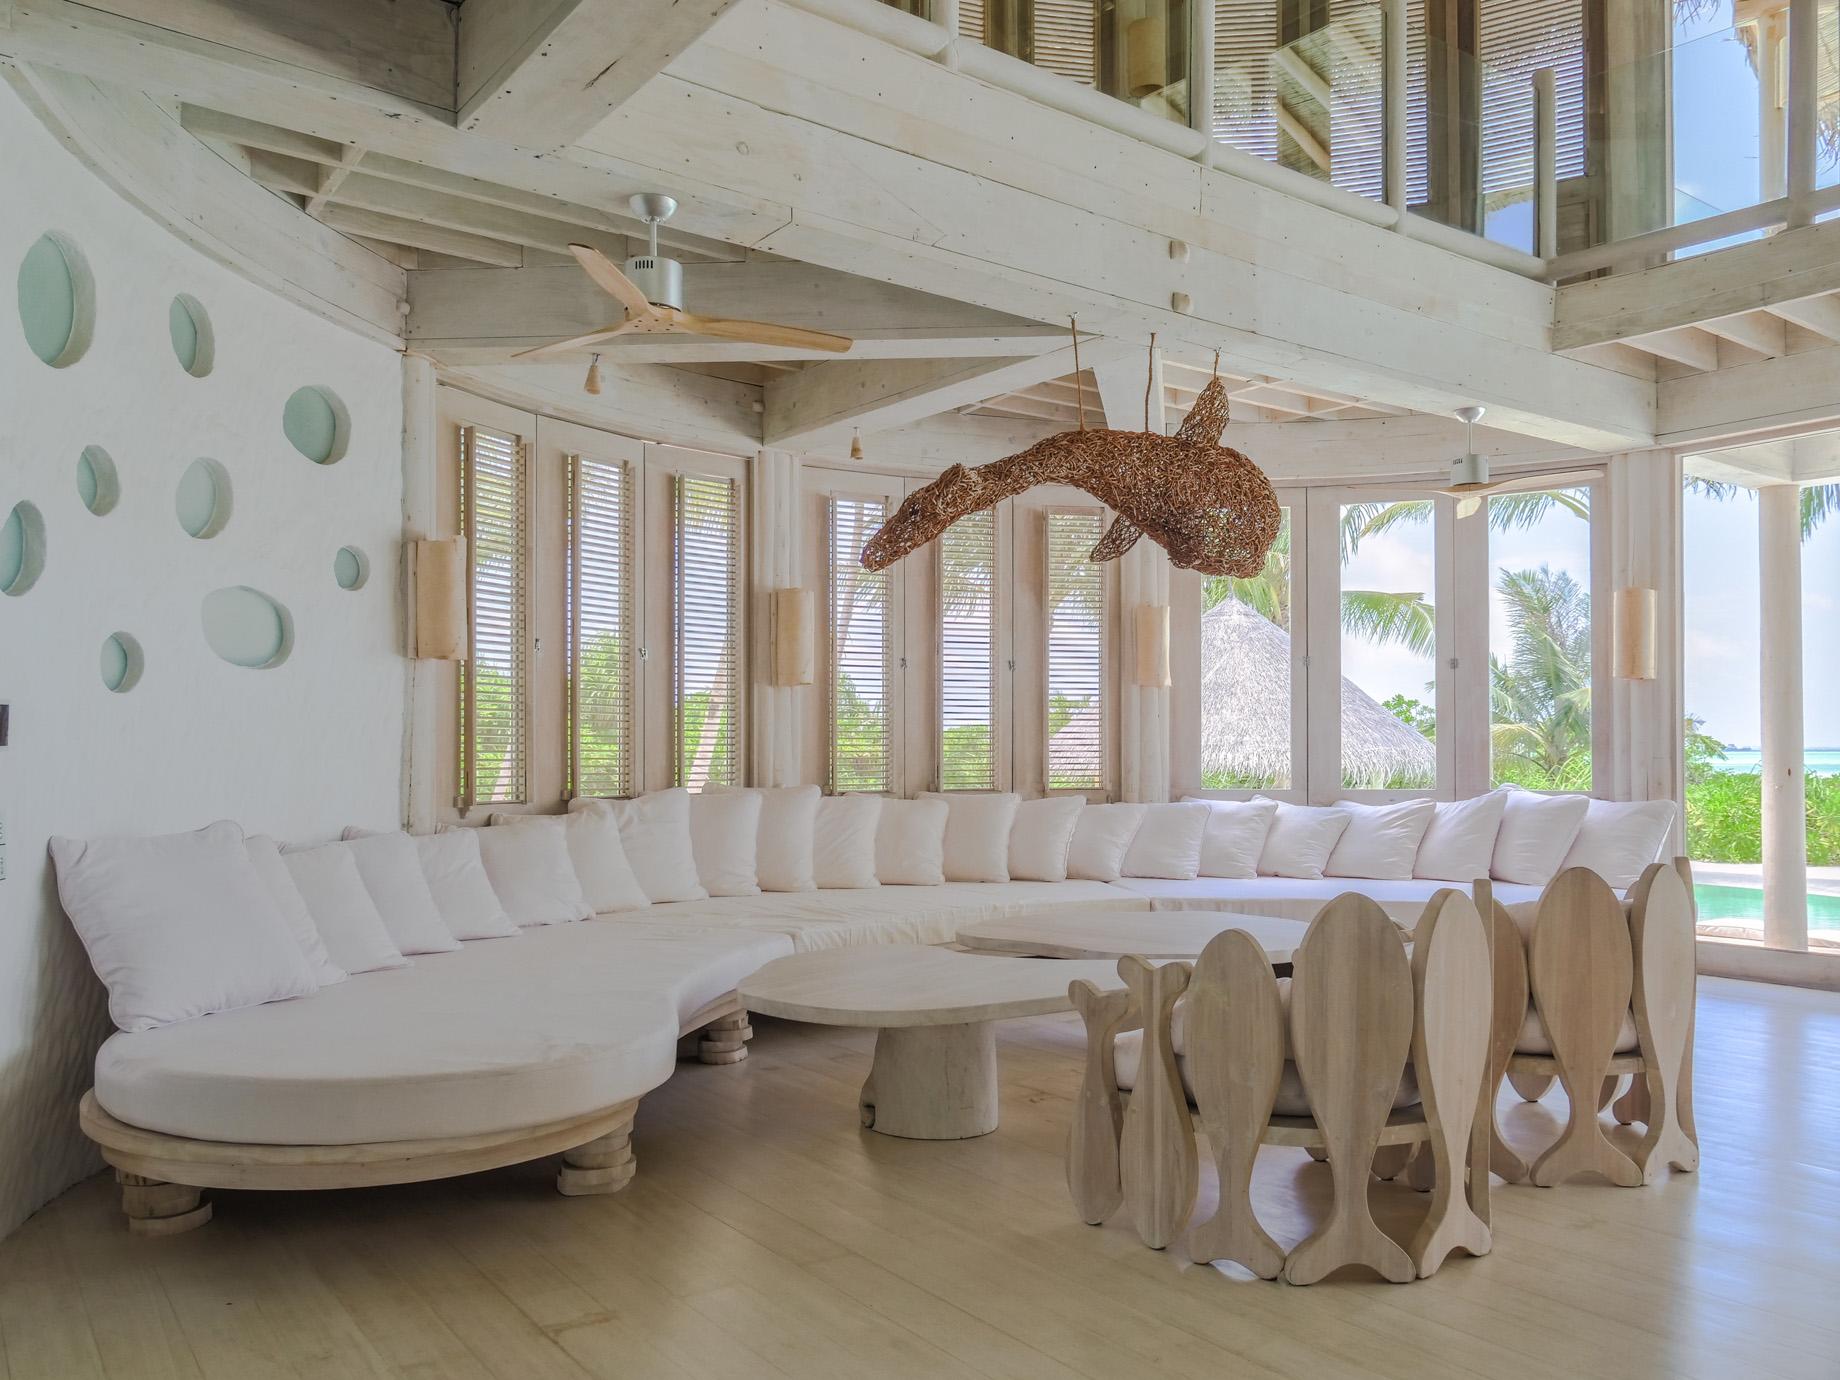 Soneva Jani Luxury Resort – Noonu Atoll, Medhufaru, Maldives – 4 Bedroom Island Reserve Villa Living Area Lounge